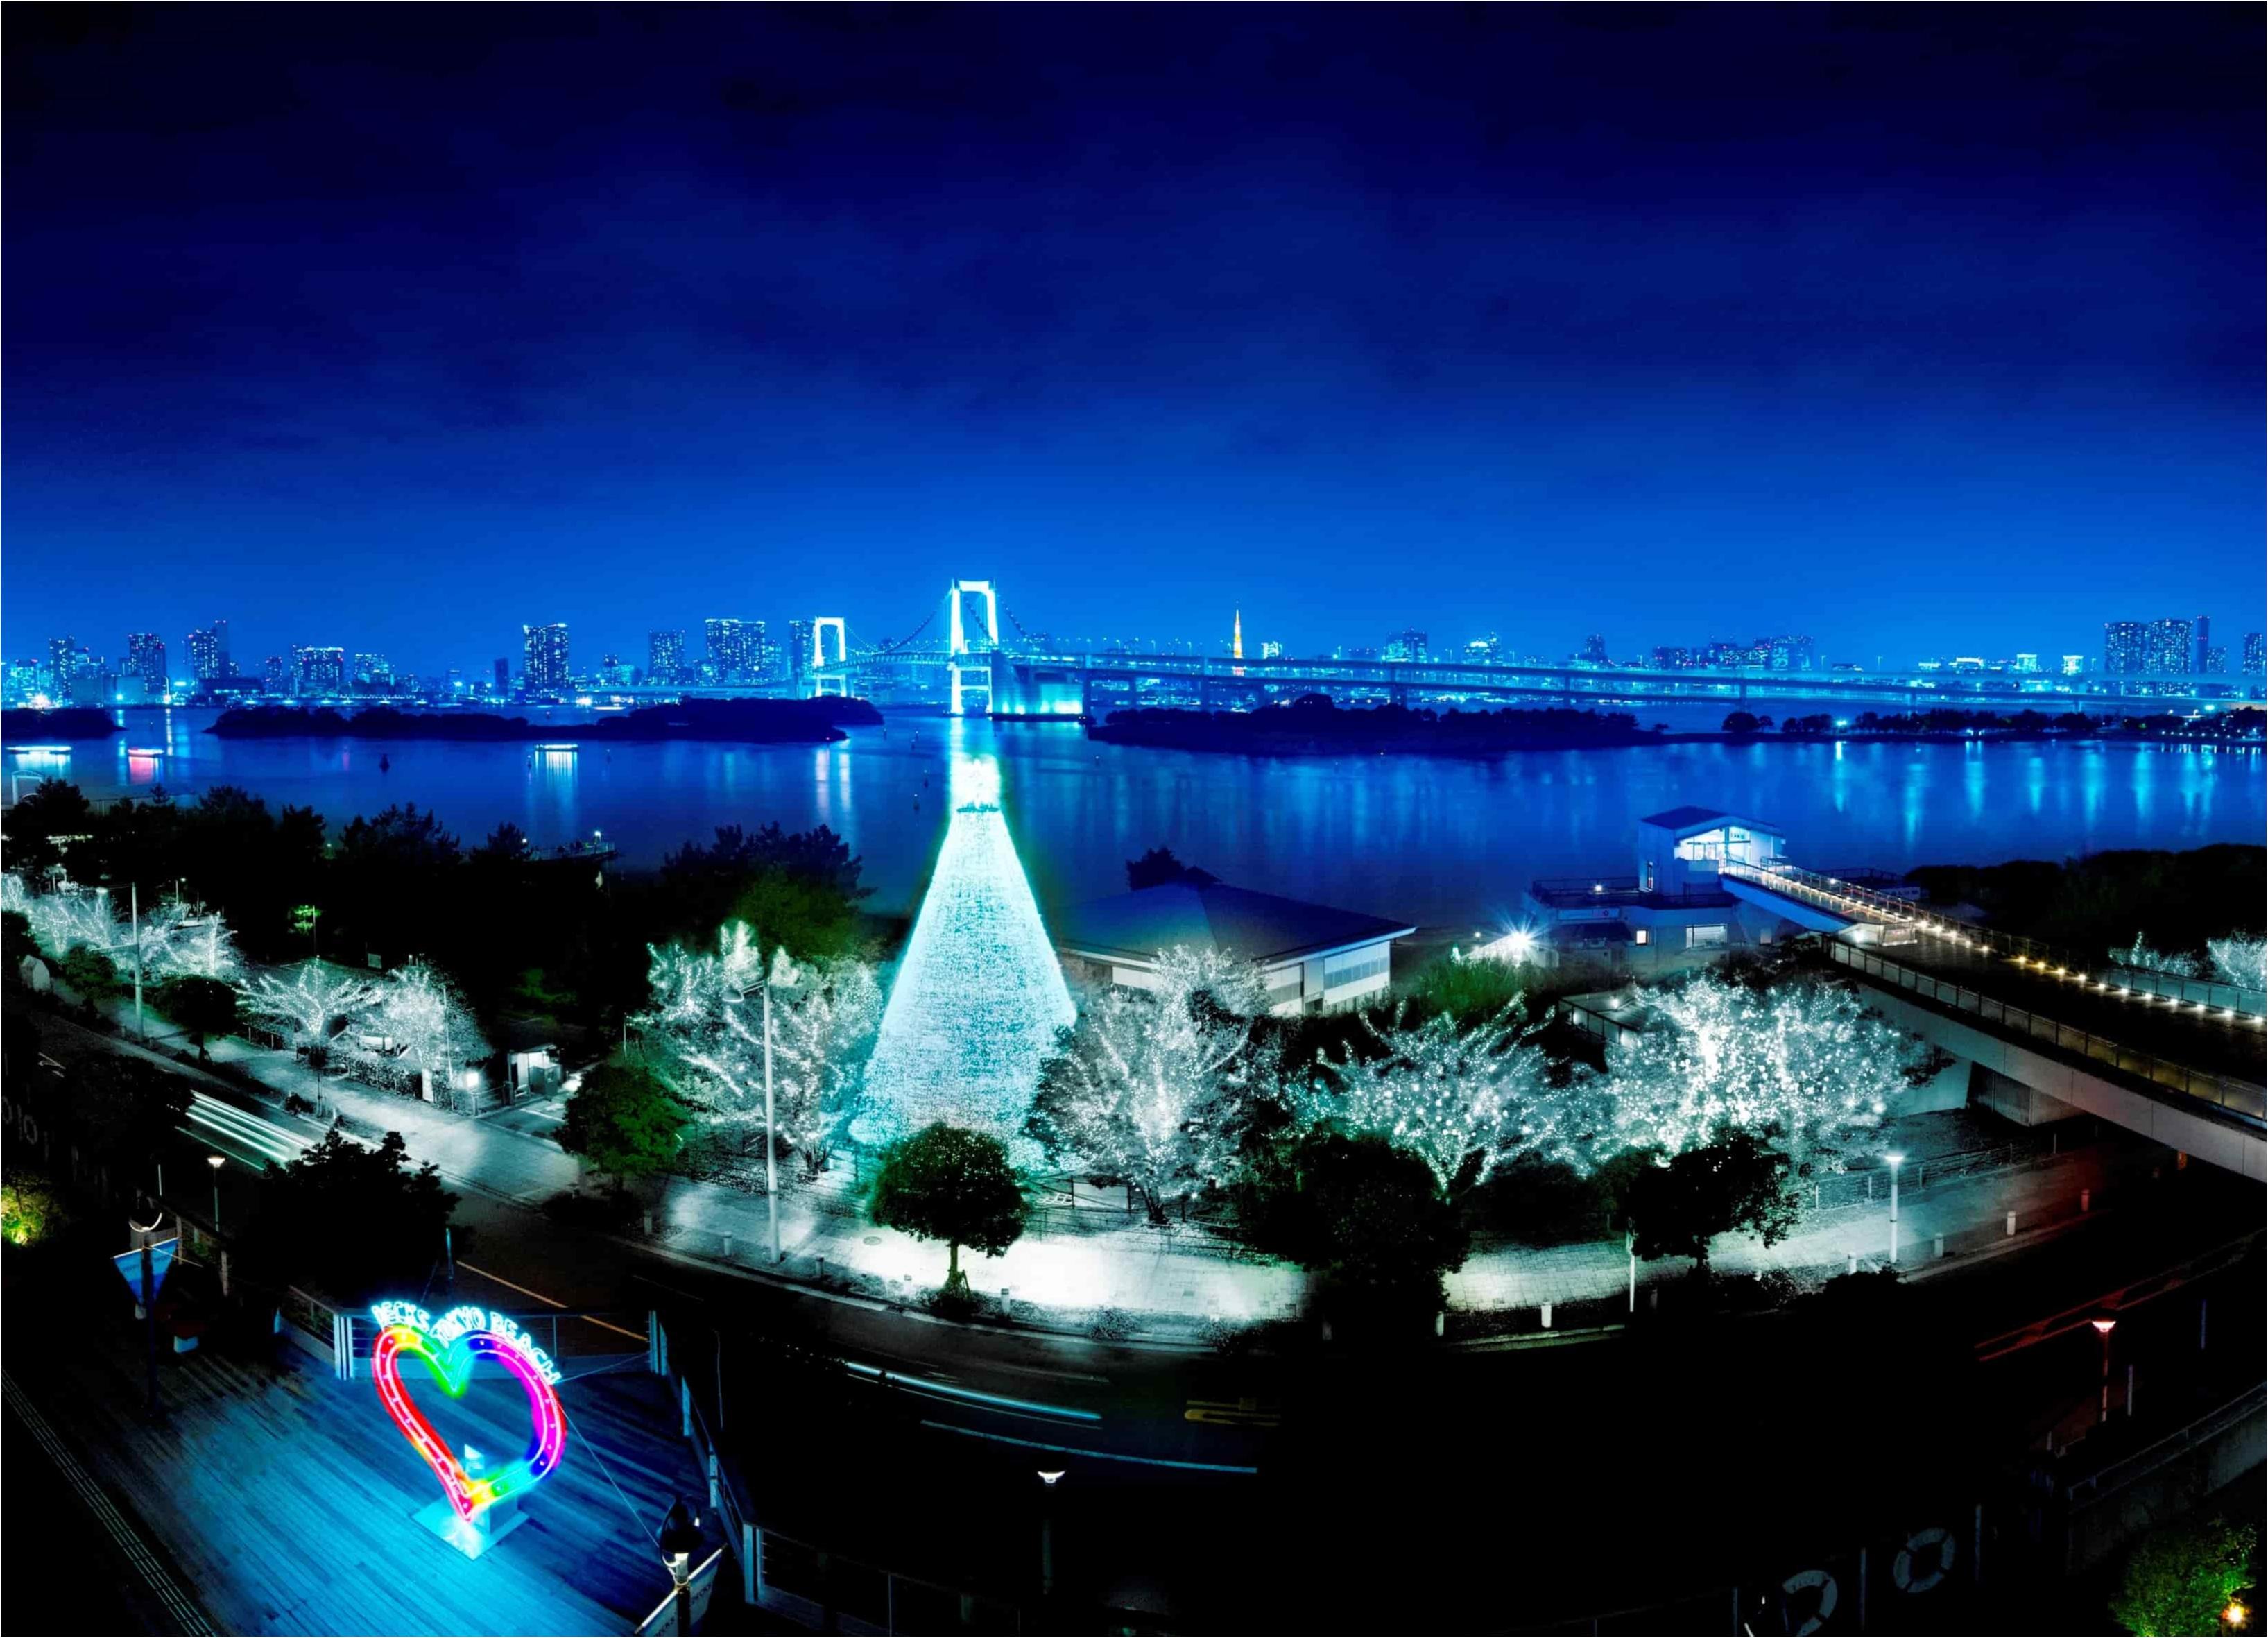 東京都内のおすすめイルミネーション、表参道、恵比寿、お台場etc.11選☆彡_13